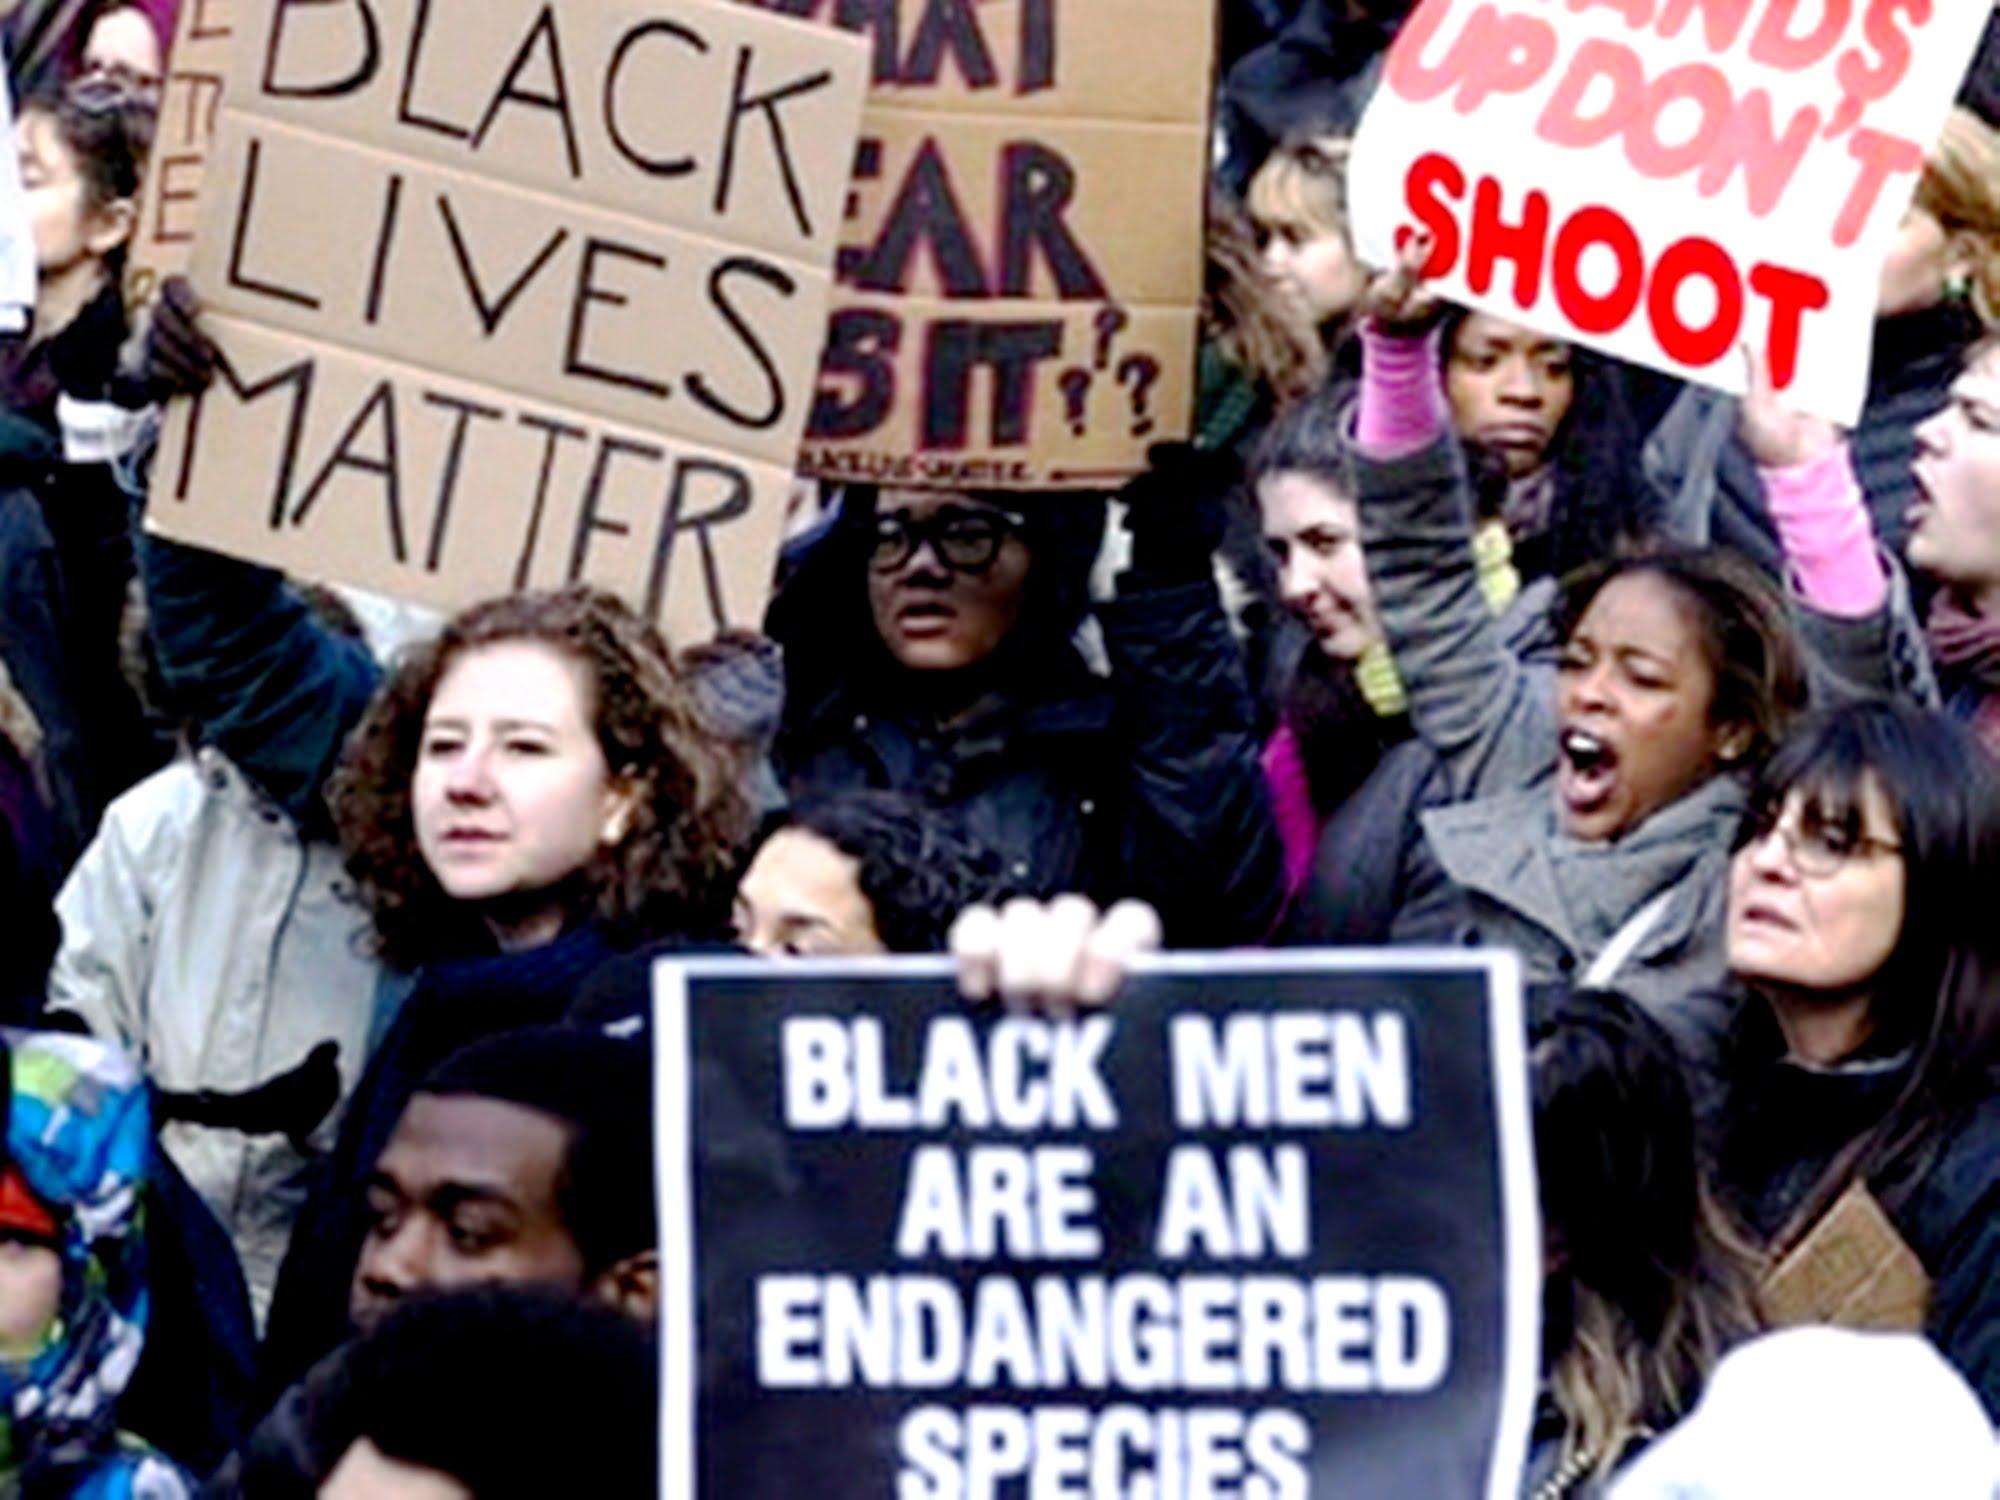 ΗΠΑ: η εκτροπή του ισότιμου ρατσισμού